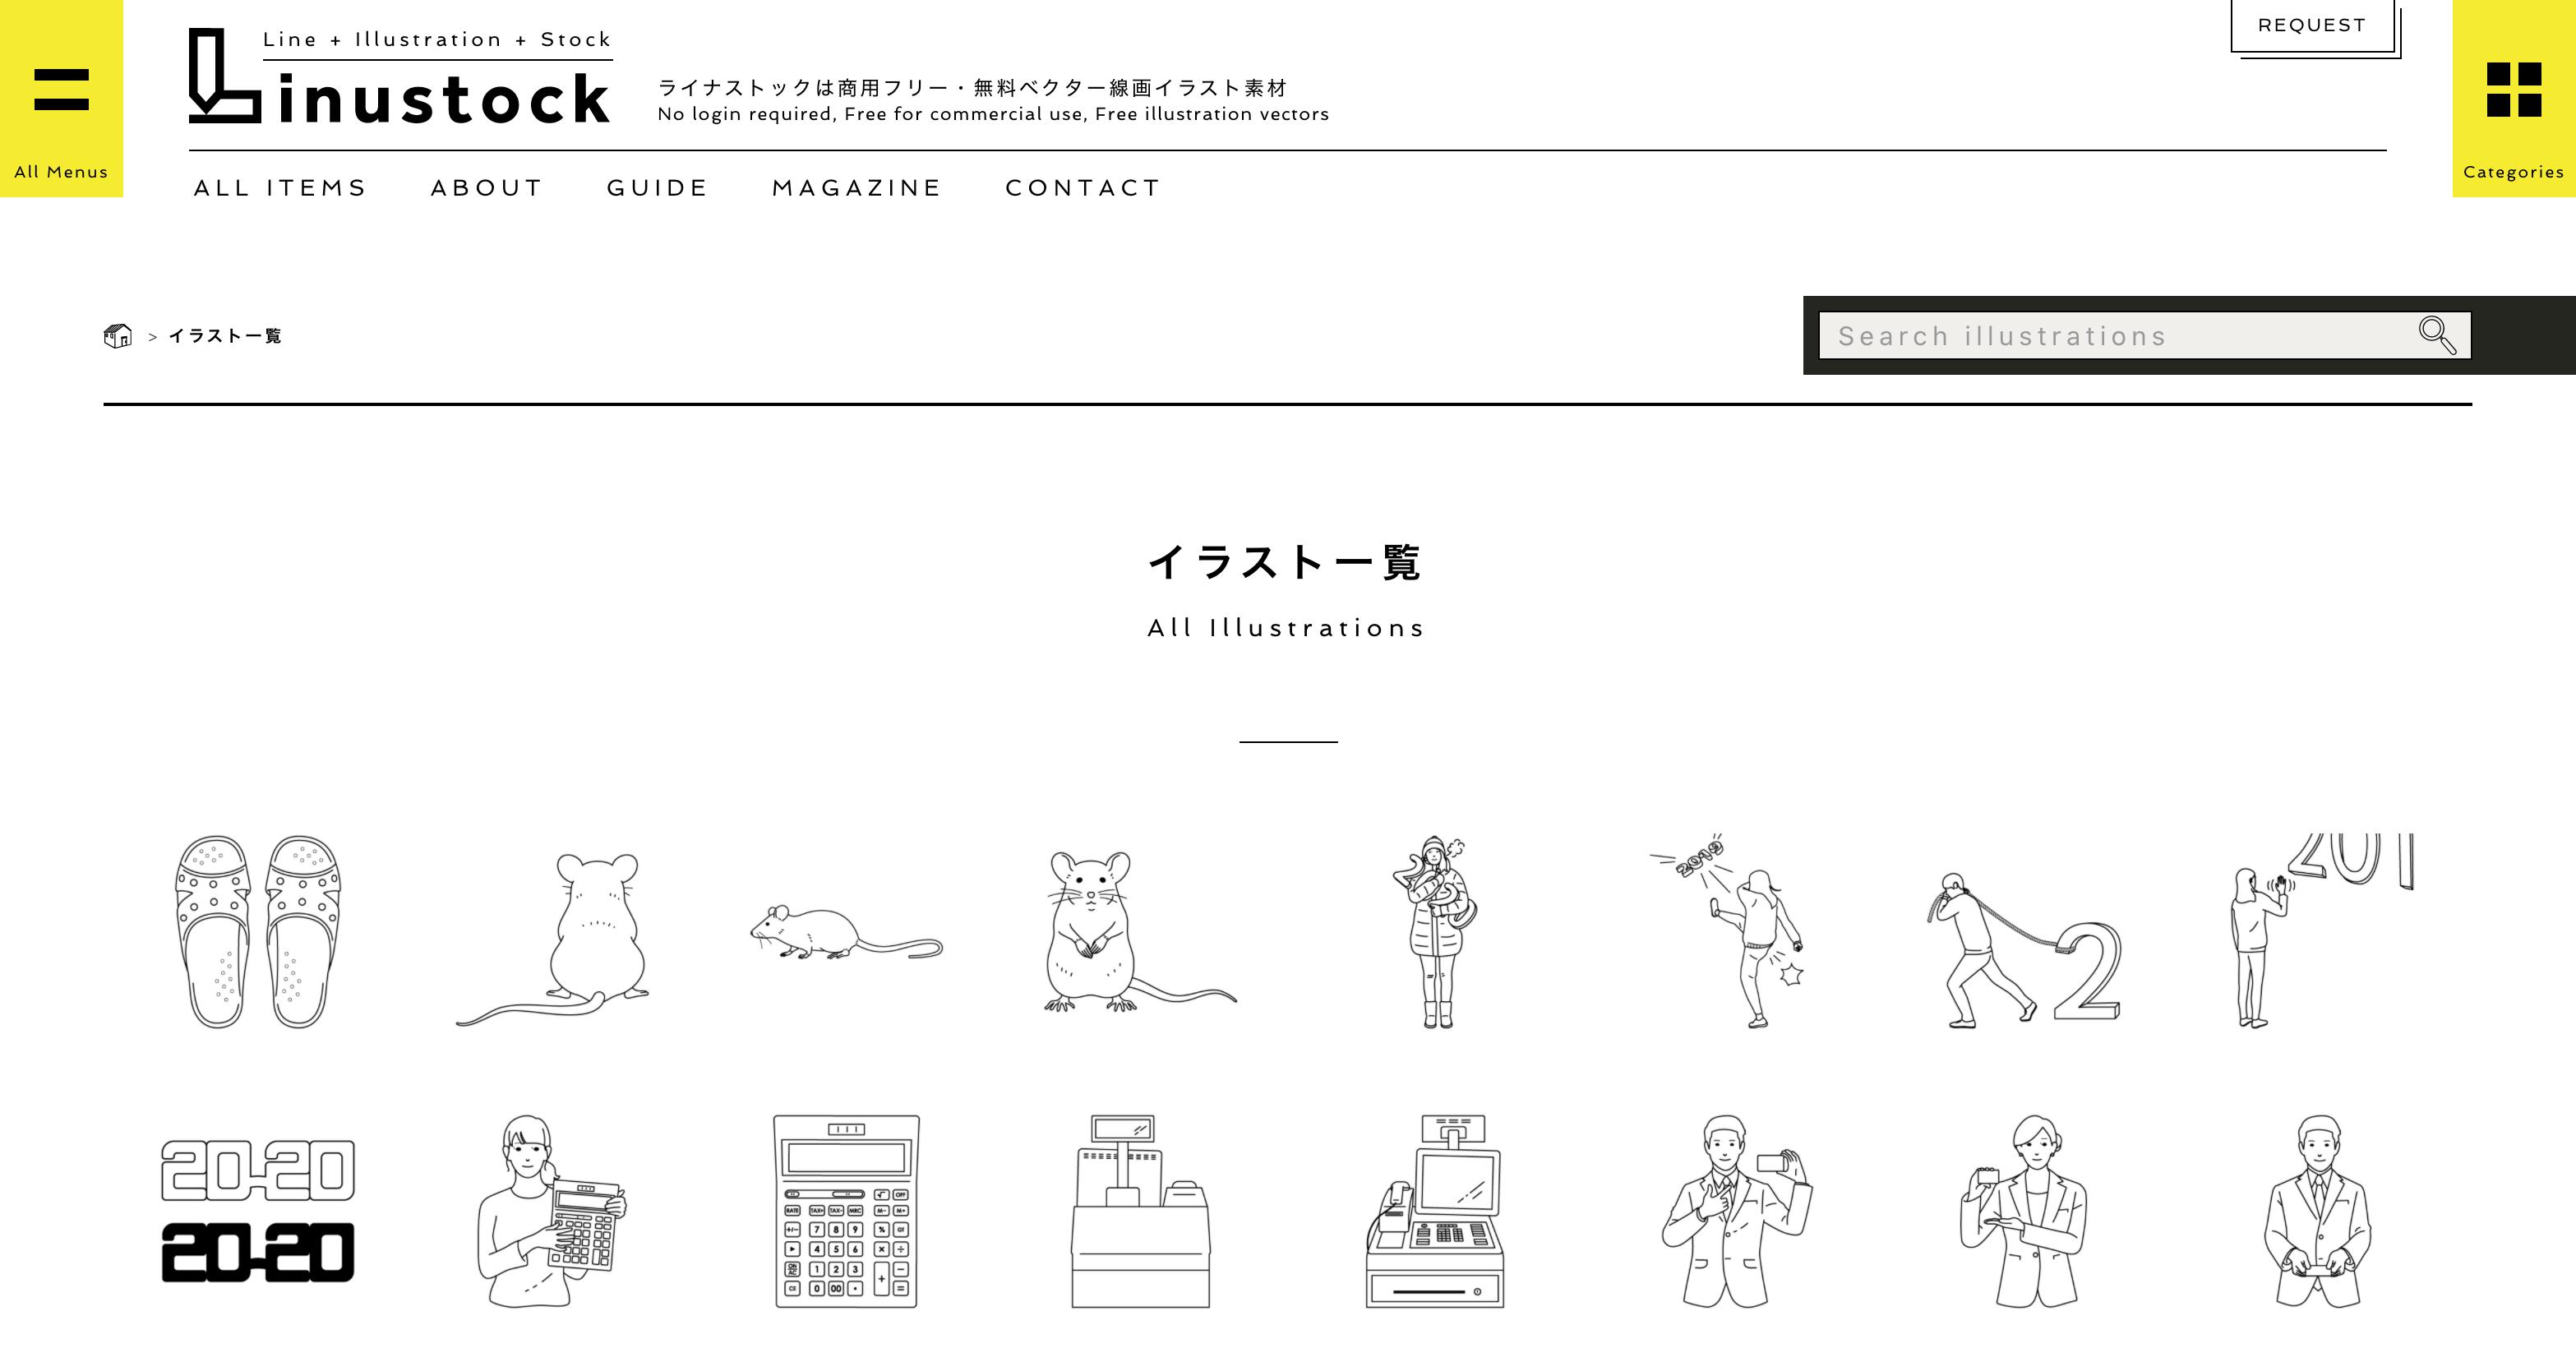 シンプルな線画イラスト素材は「Linustock」